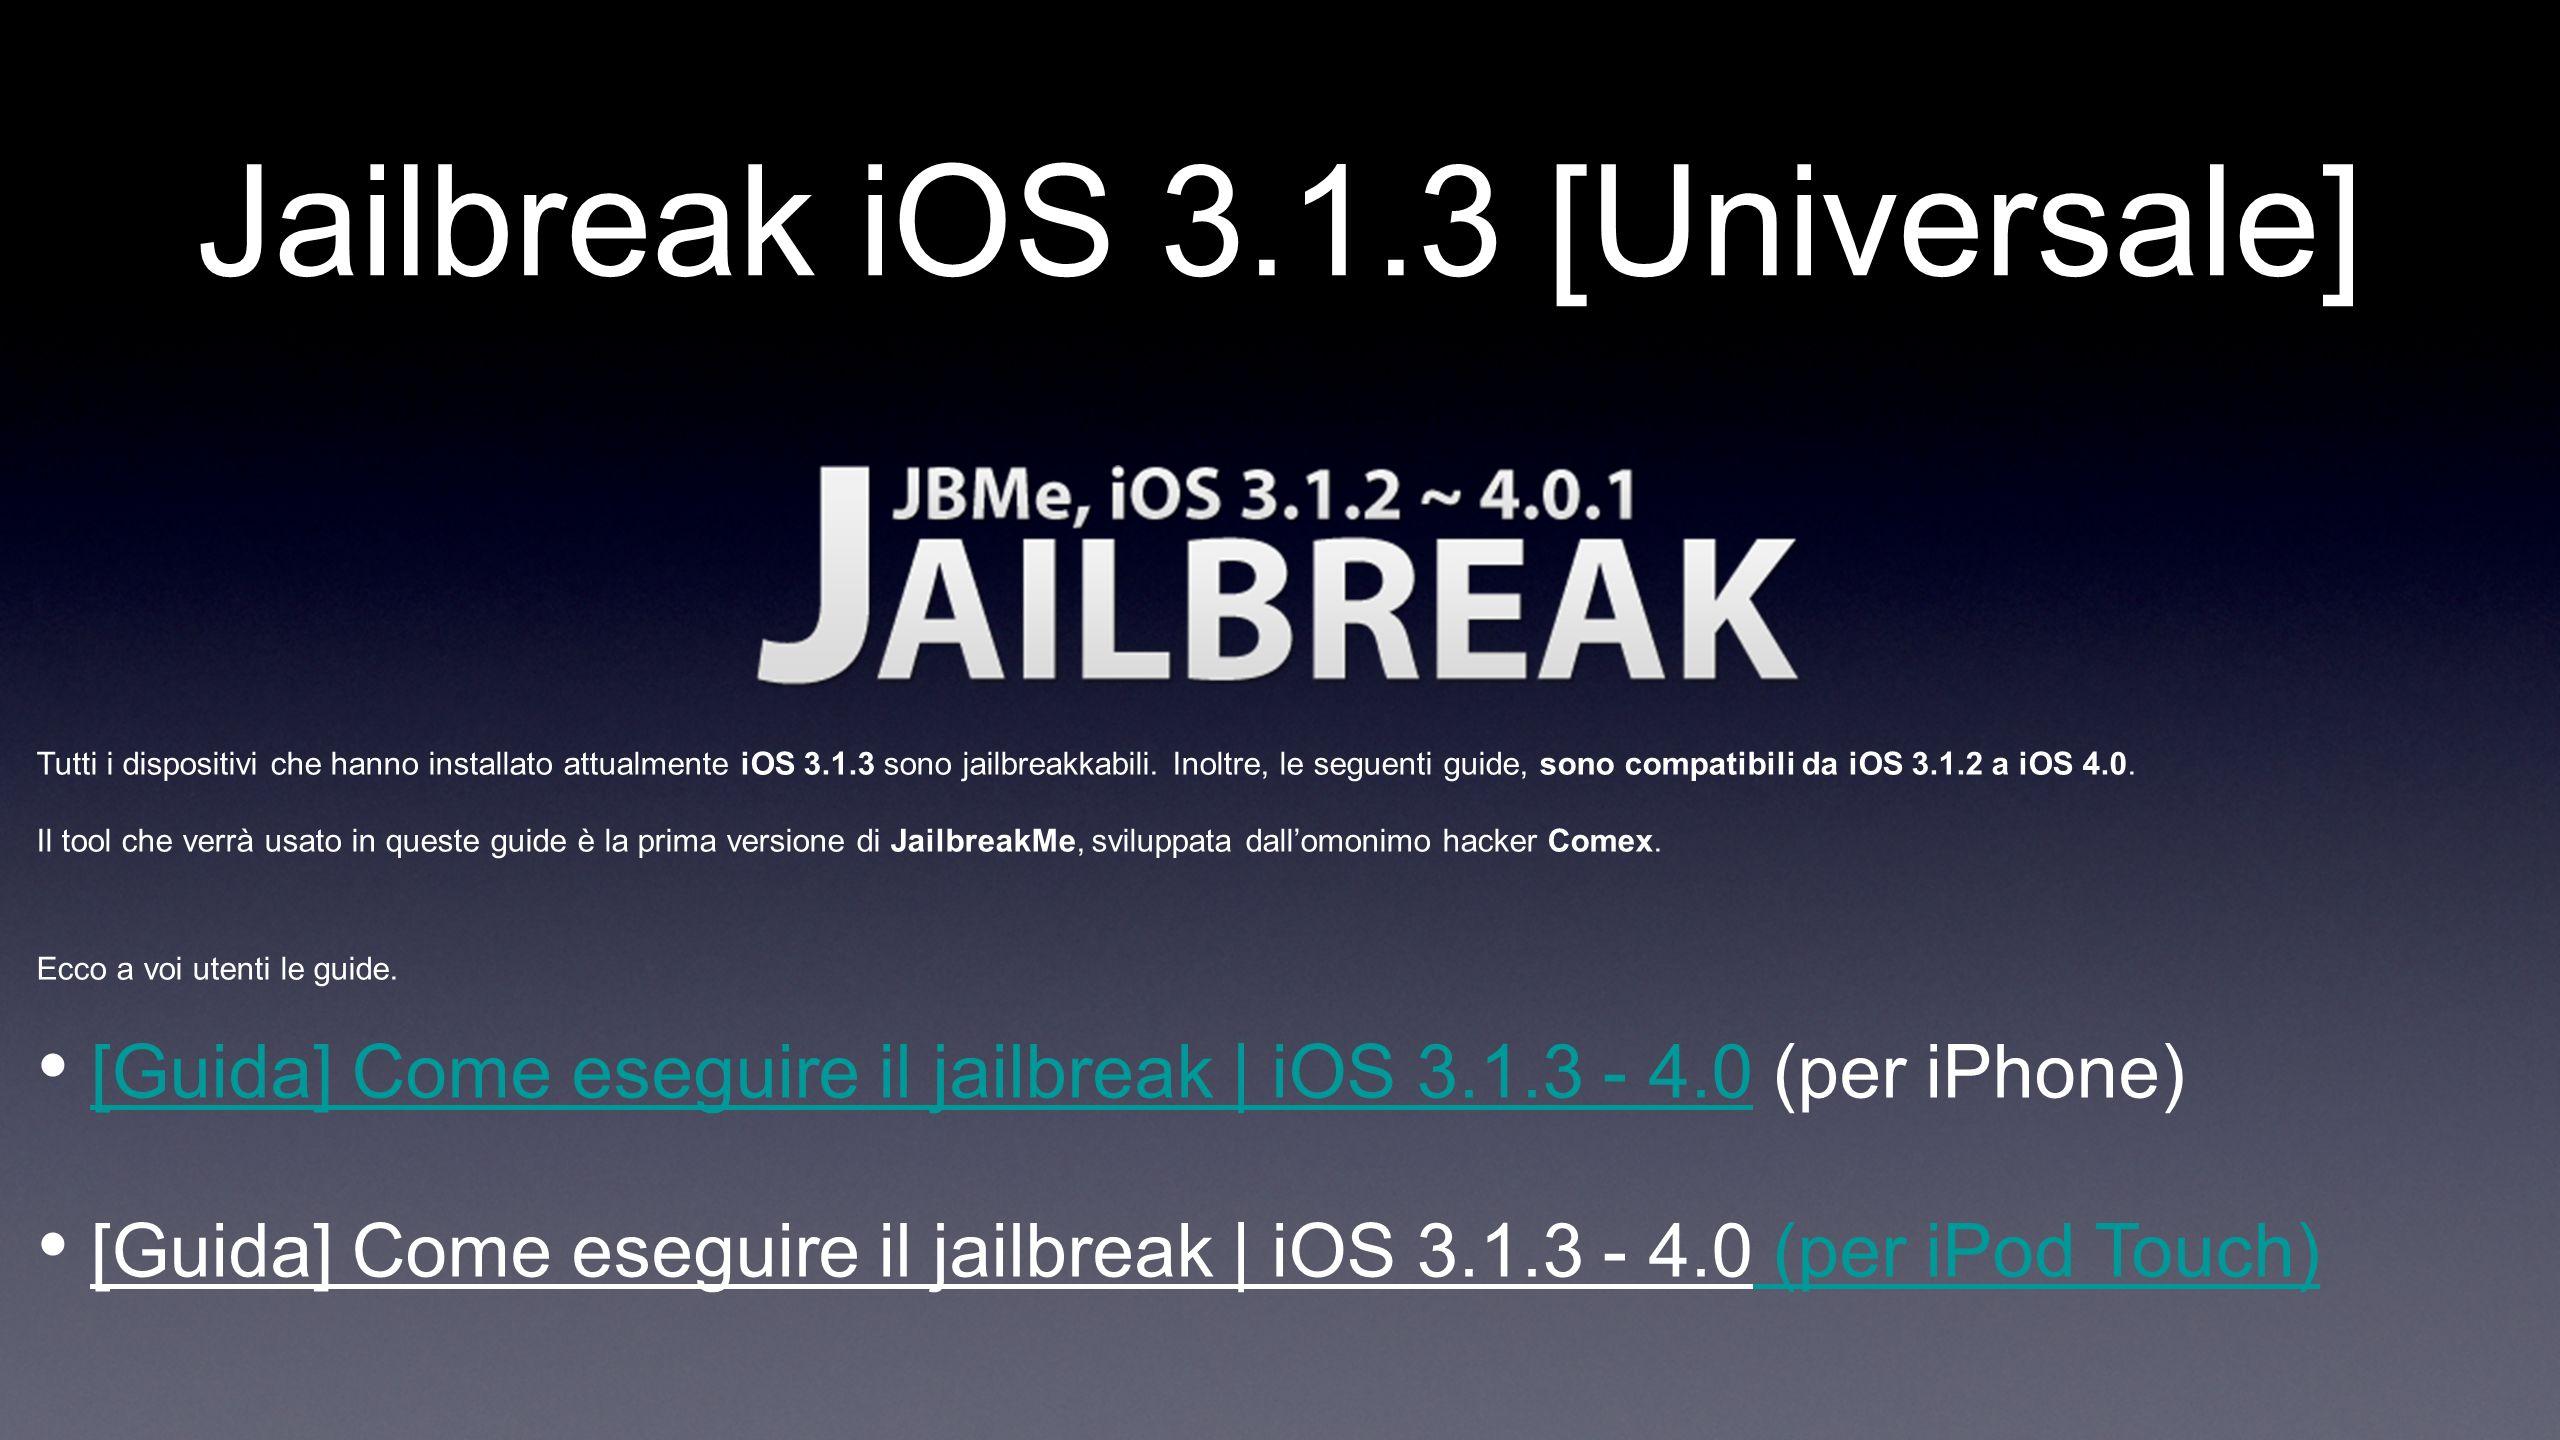 Jailbreak iOS 3.1.3 [Universale] Tutti i dispositivi che hanno installato attualmente iOS 3.1.3 sono jailbreakkabili.